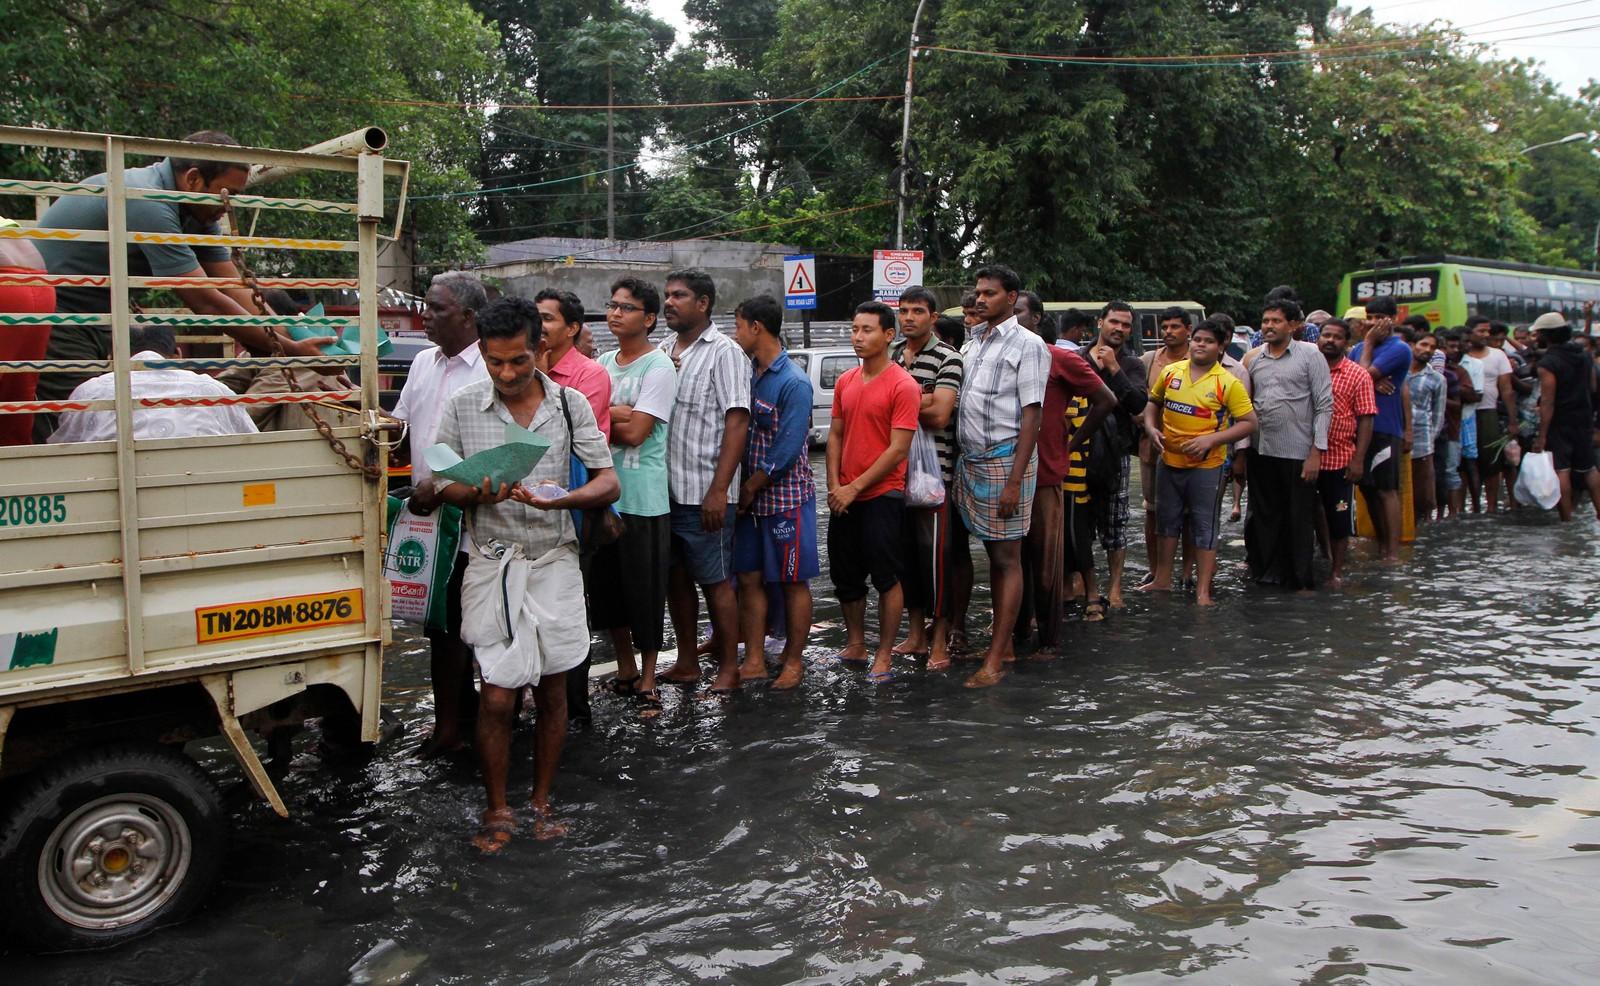 Flomrammede innbyggere i Chennai står i kø for å få mat av marinen. Dette er det kraftigste regnfallet på hundre år i delstaten Tamil Nadu i India.